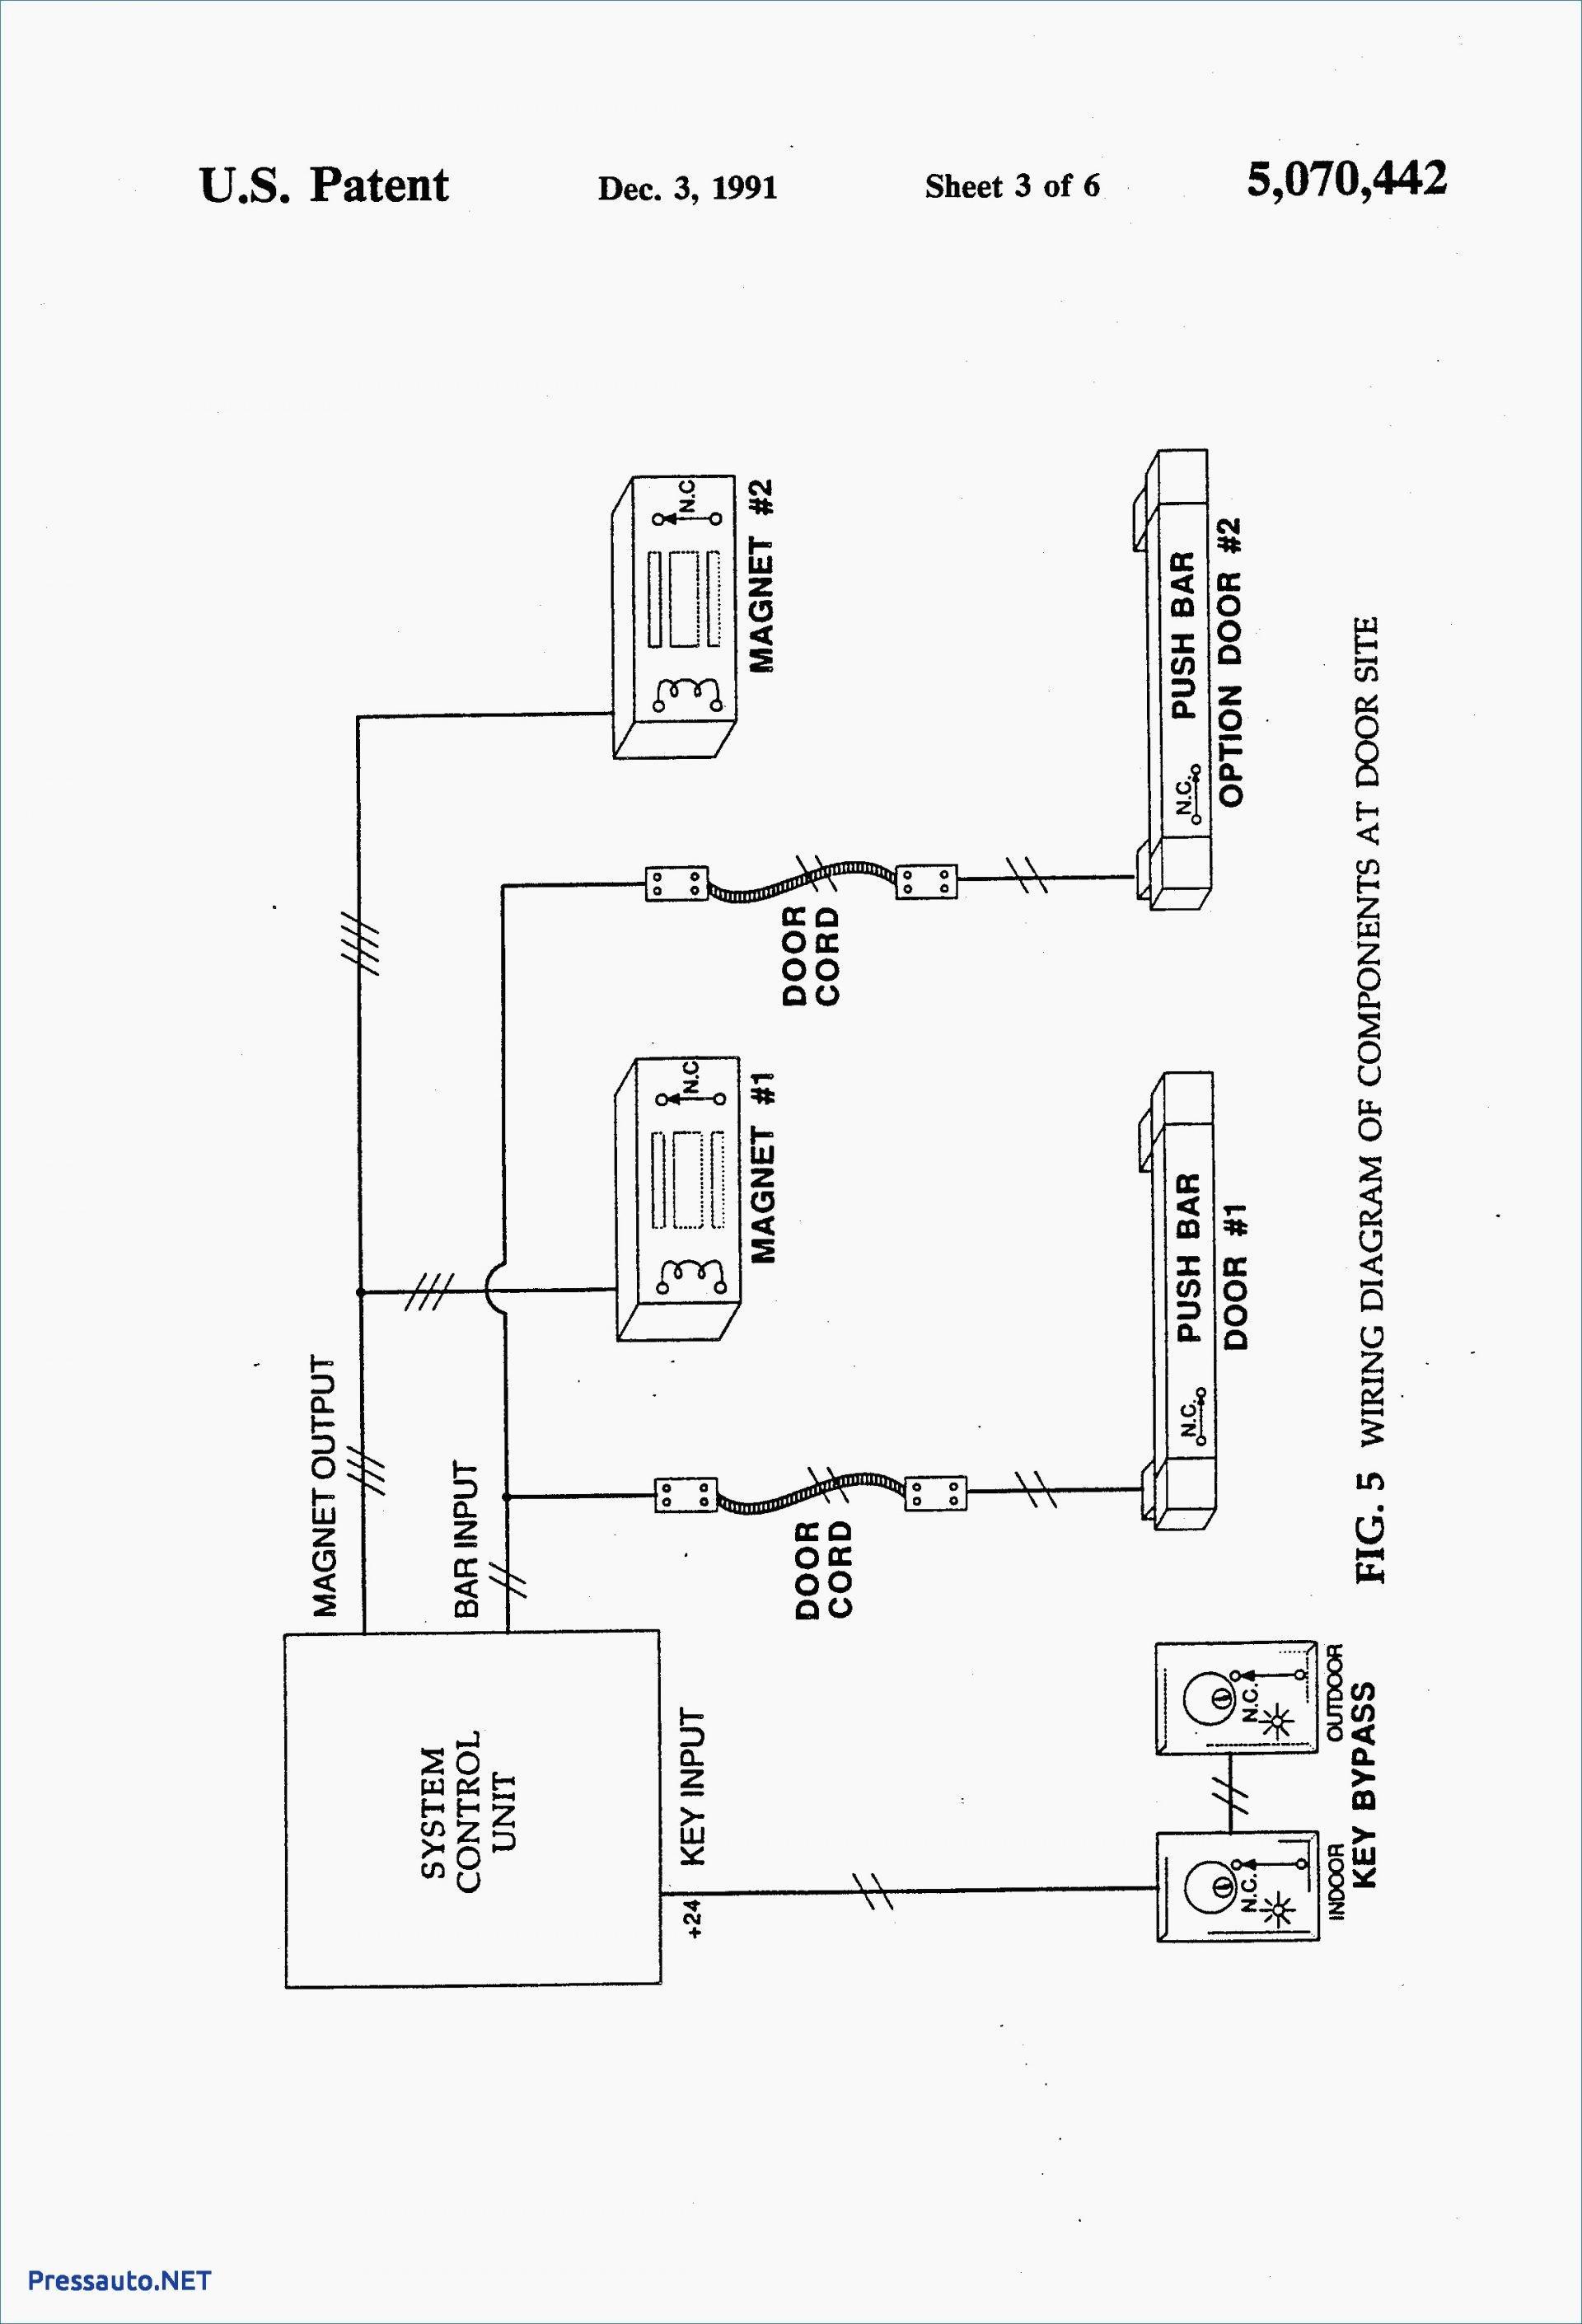 [SCHEMATICS_4UK]  Wiring Diagram For A Garbage Disposal - Wiring Diagram Schemes   Wiring Diagram For A Garbage Disposal      Wiring Diagram Schemes - Mein-Raetien